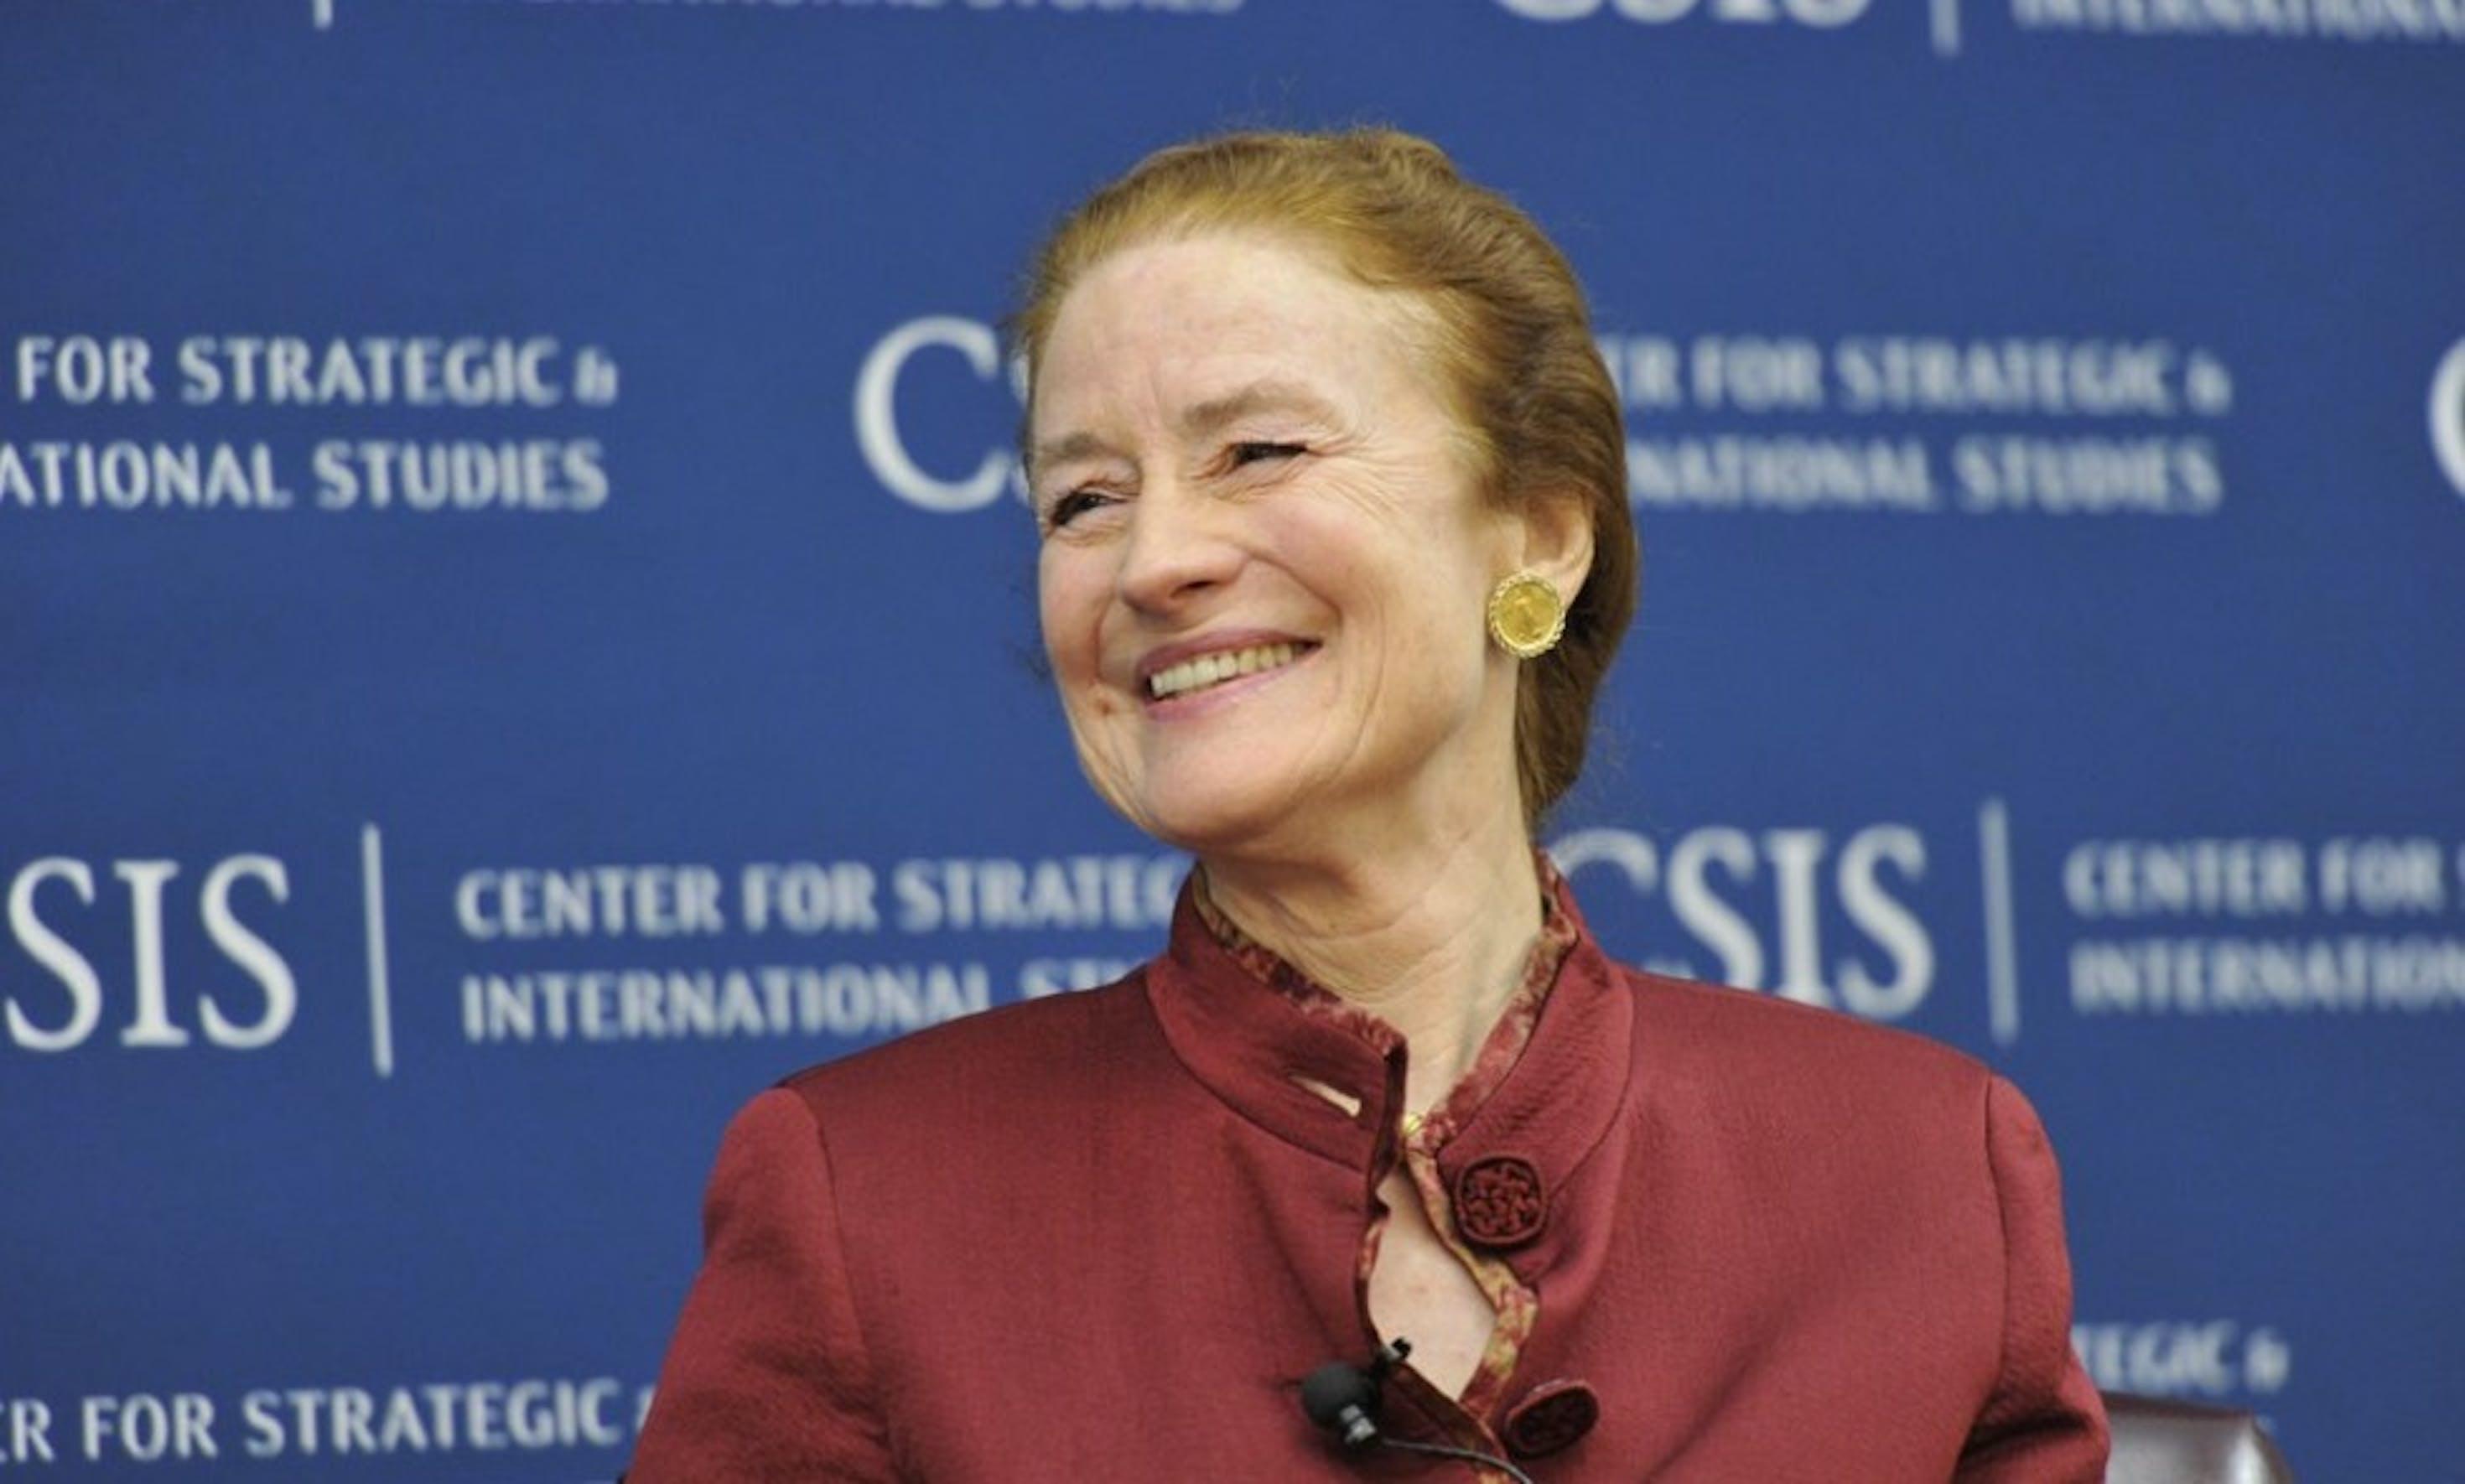 Henrietta Fore, nuovo Direttore esecutivo dell'UNICEF Internazionale